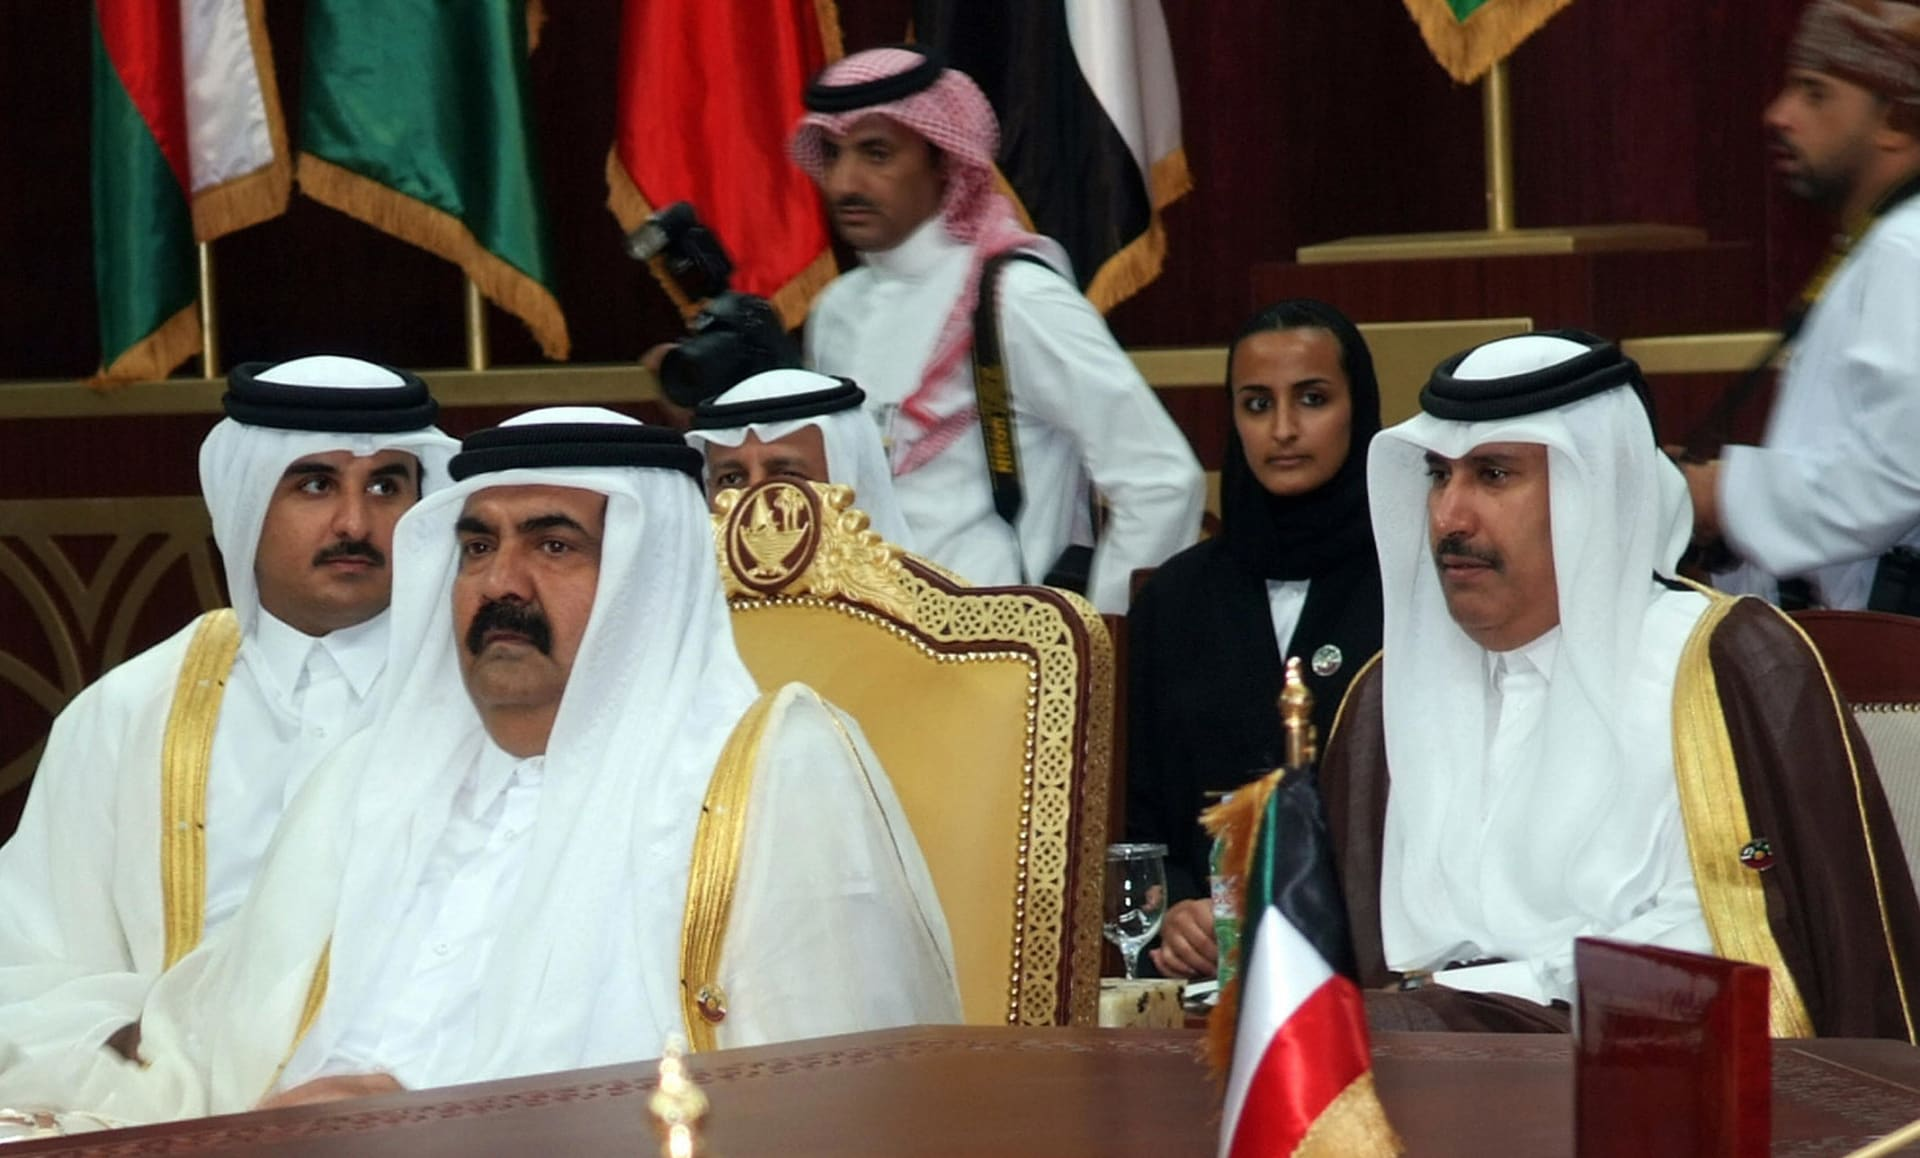 """حمد بن جاسم يثير تكهنات بأول تغريدة بعد """"محاولة الانقلاب"""" في قطر"""